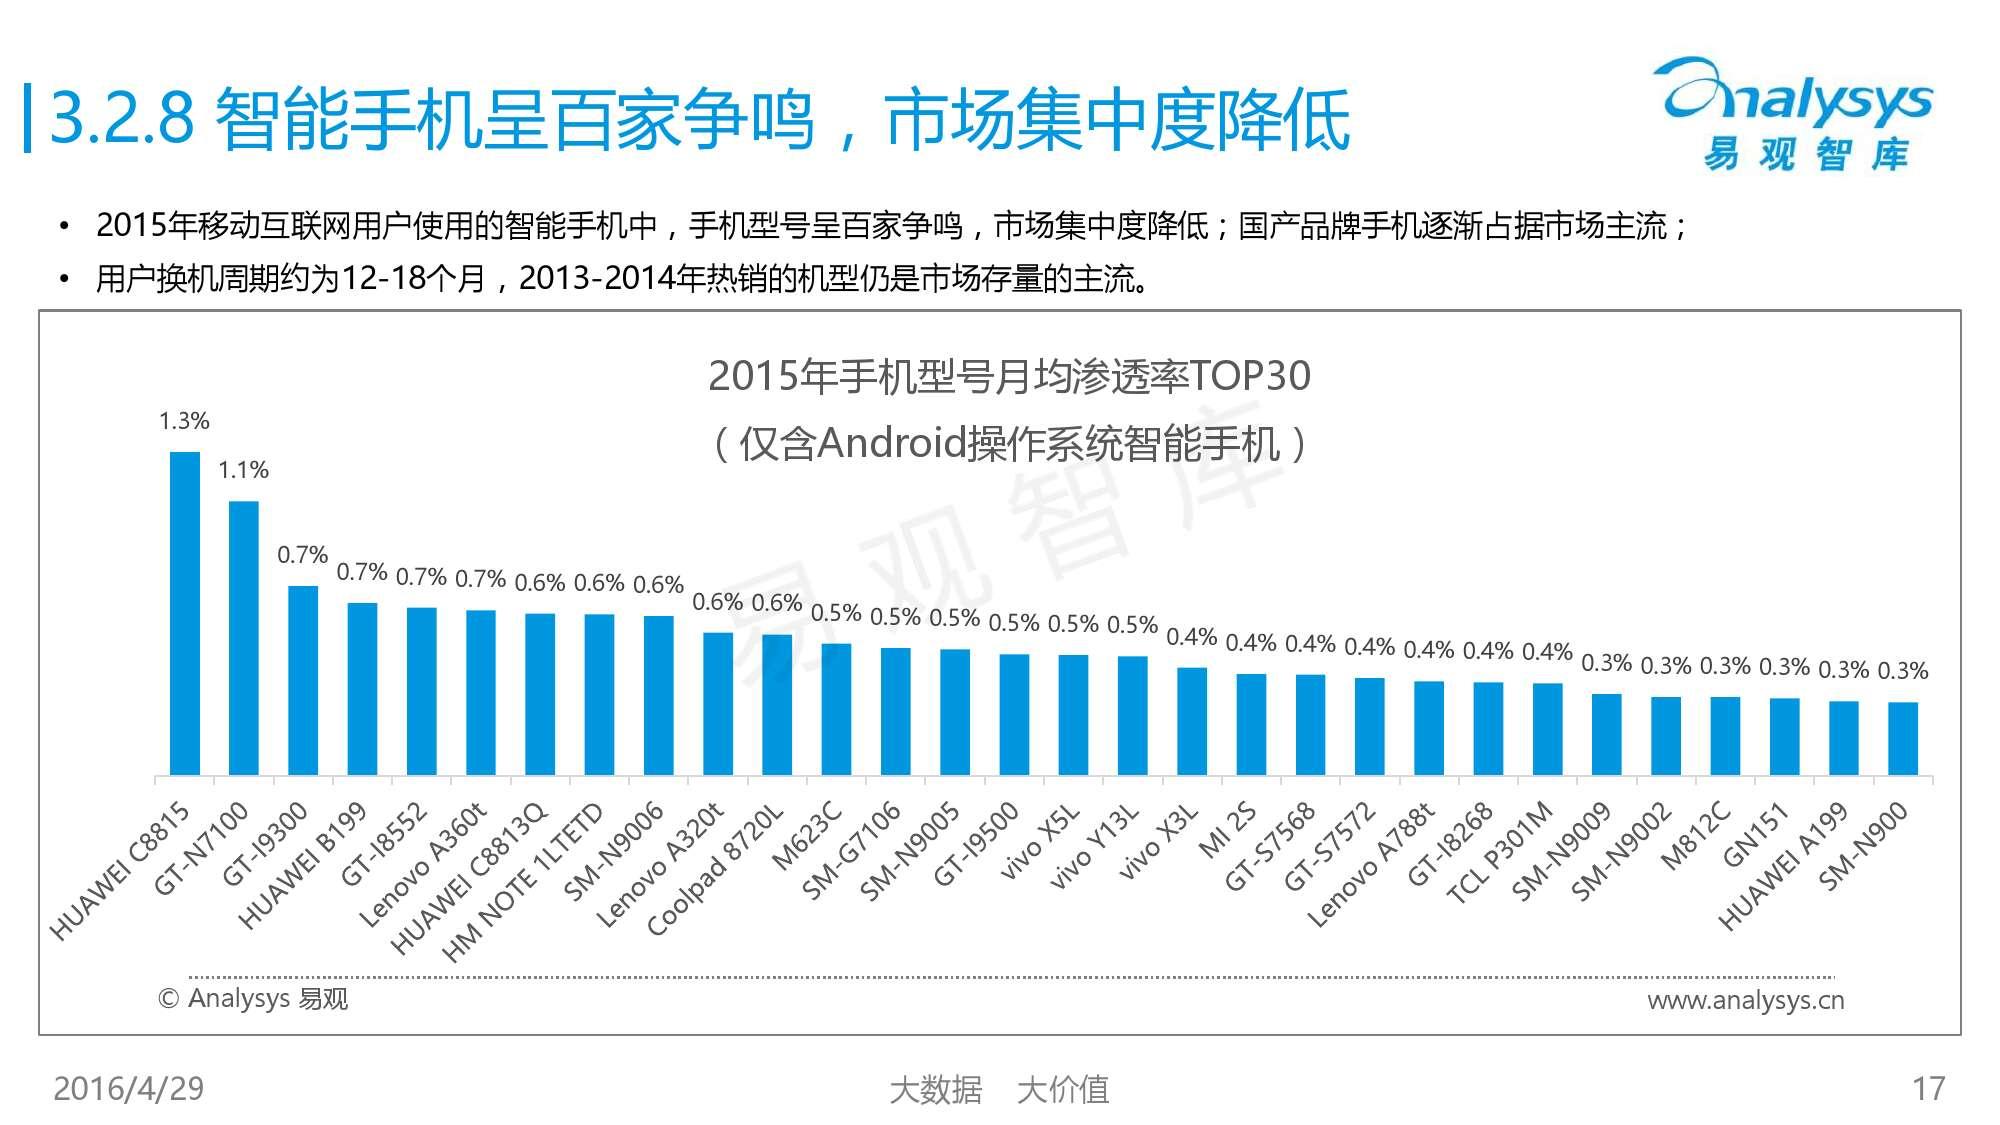 中国移动互联网用户行为统计报告2016_000017